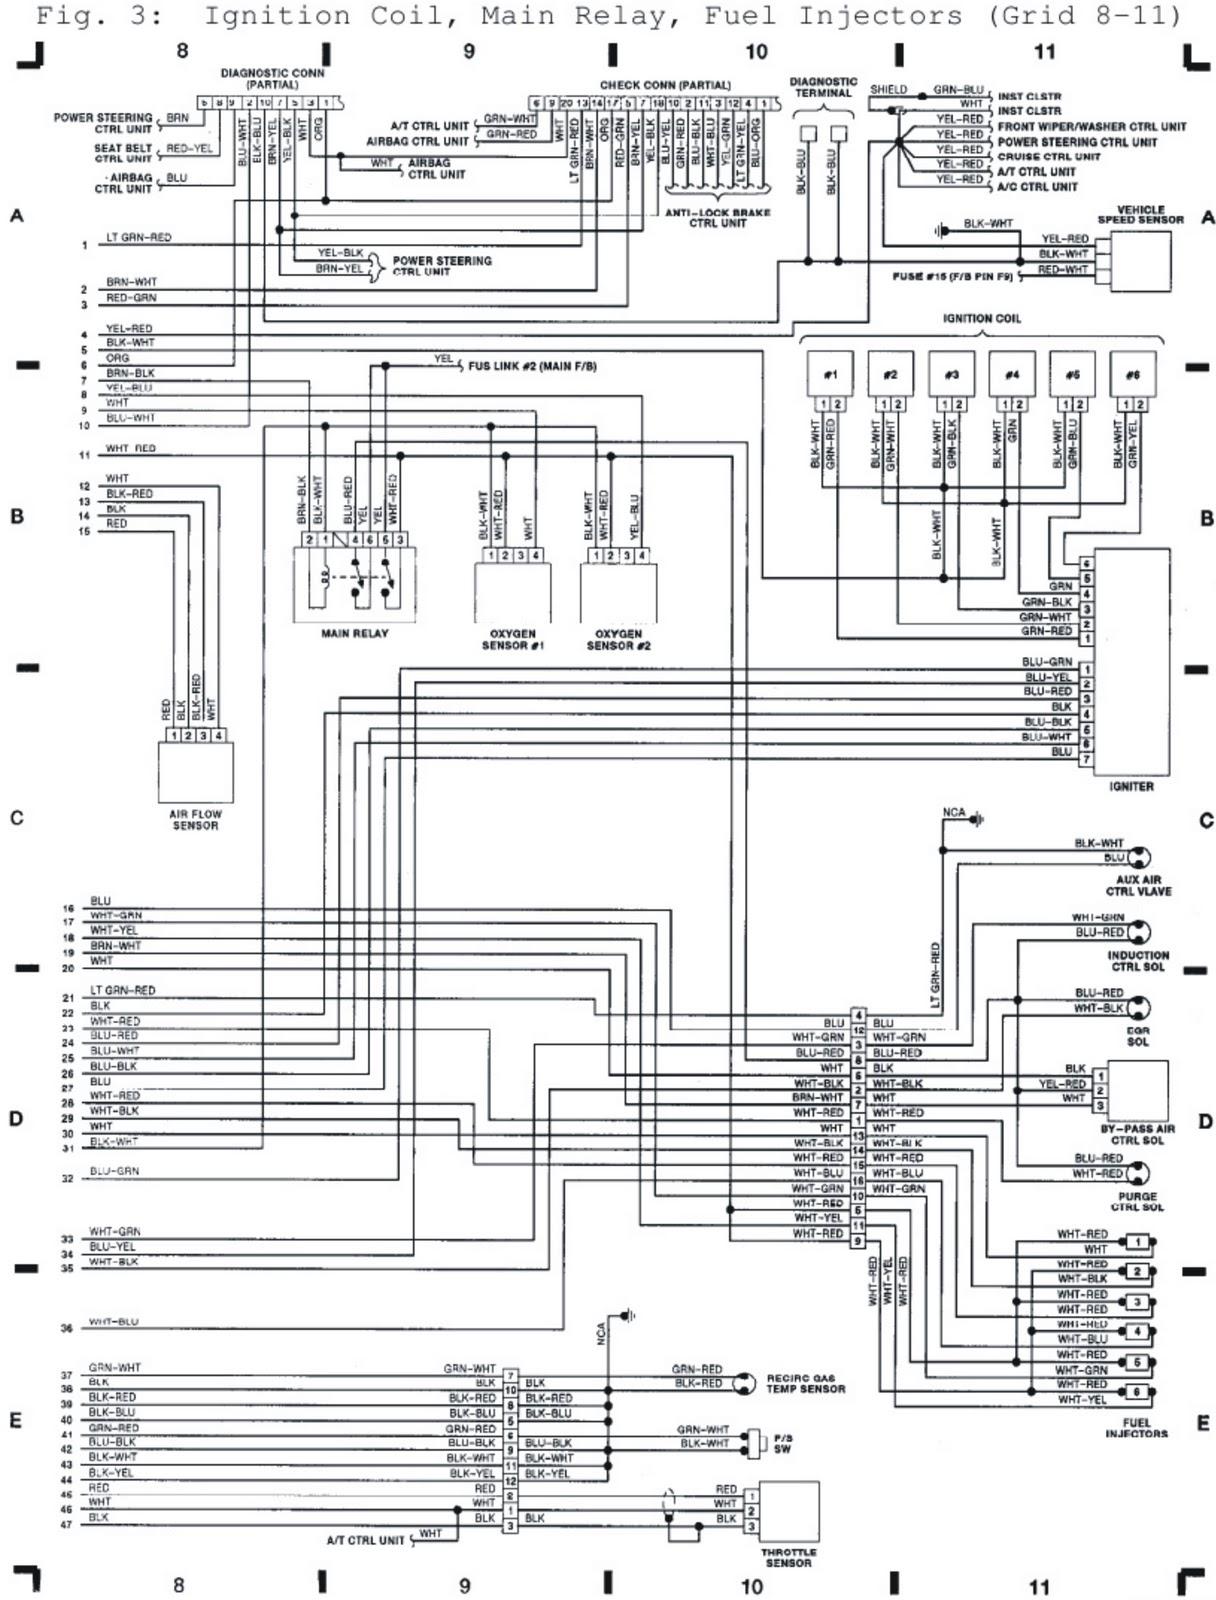 2014 subaru wrx wiring diagram eo 0414  ecu wiring diagram for a 2004 subaru wrx sti as well as  subaru wrx sti